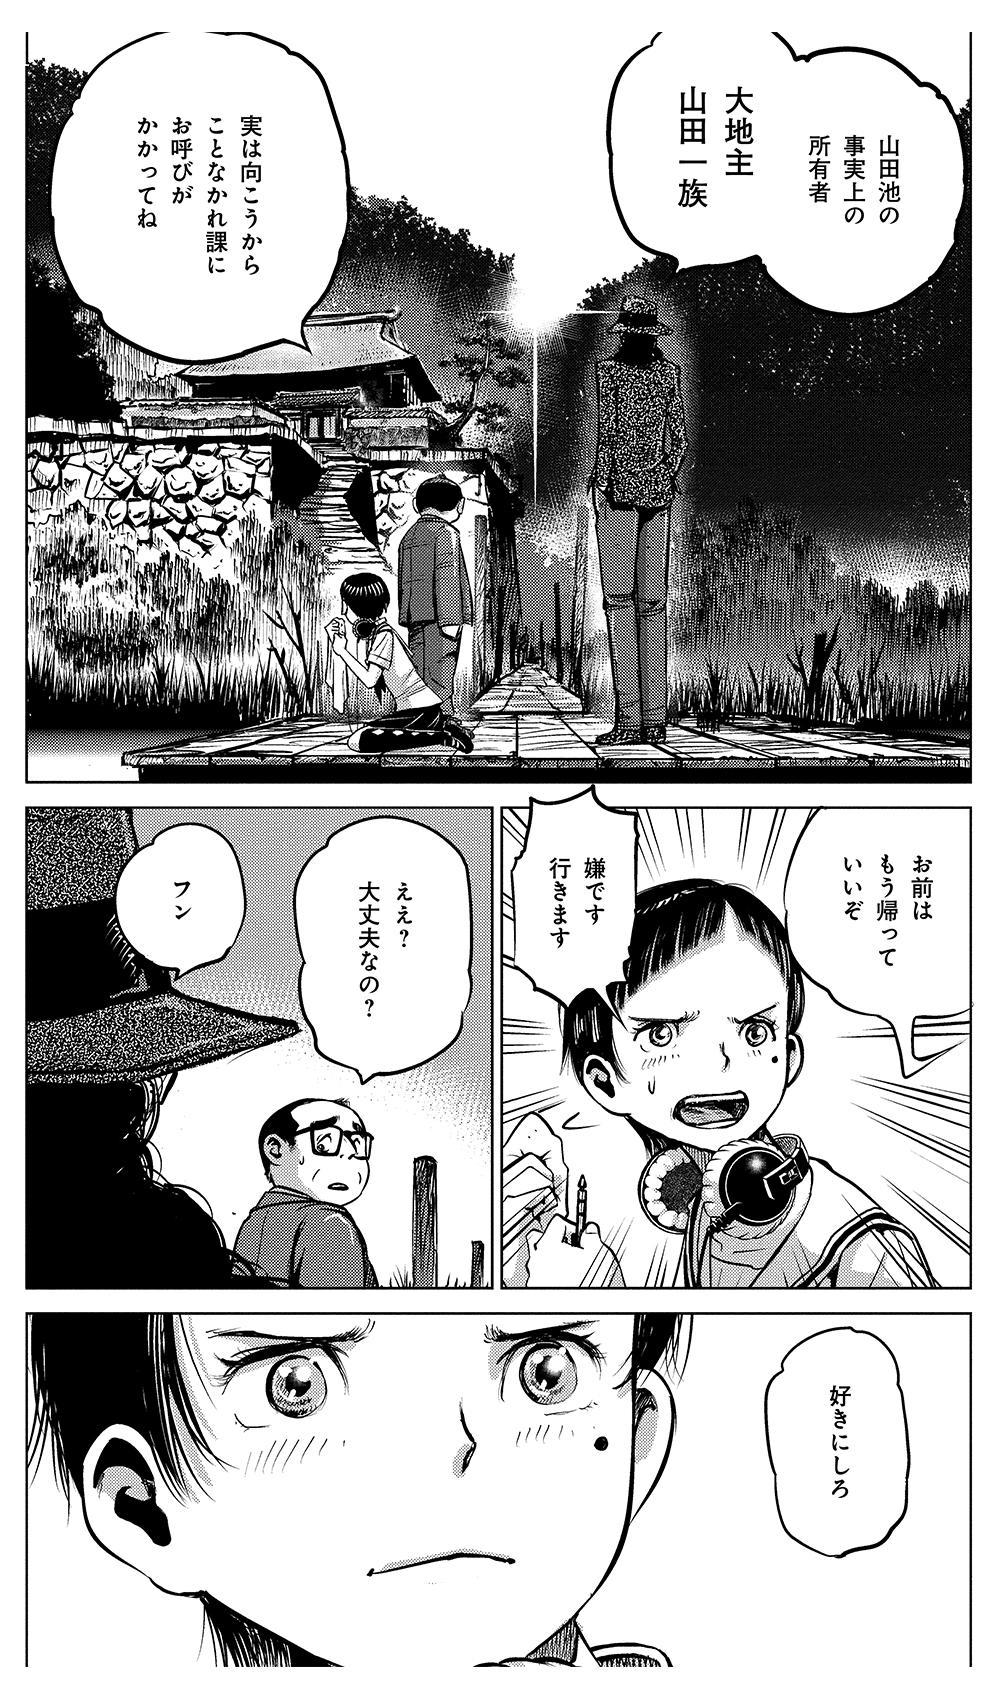 ことなかれ 第3話「革仔玉」①kotonakare01-13.jpg